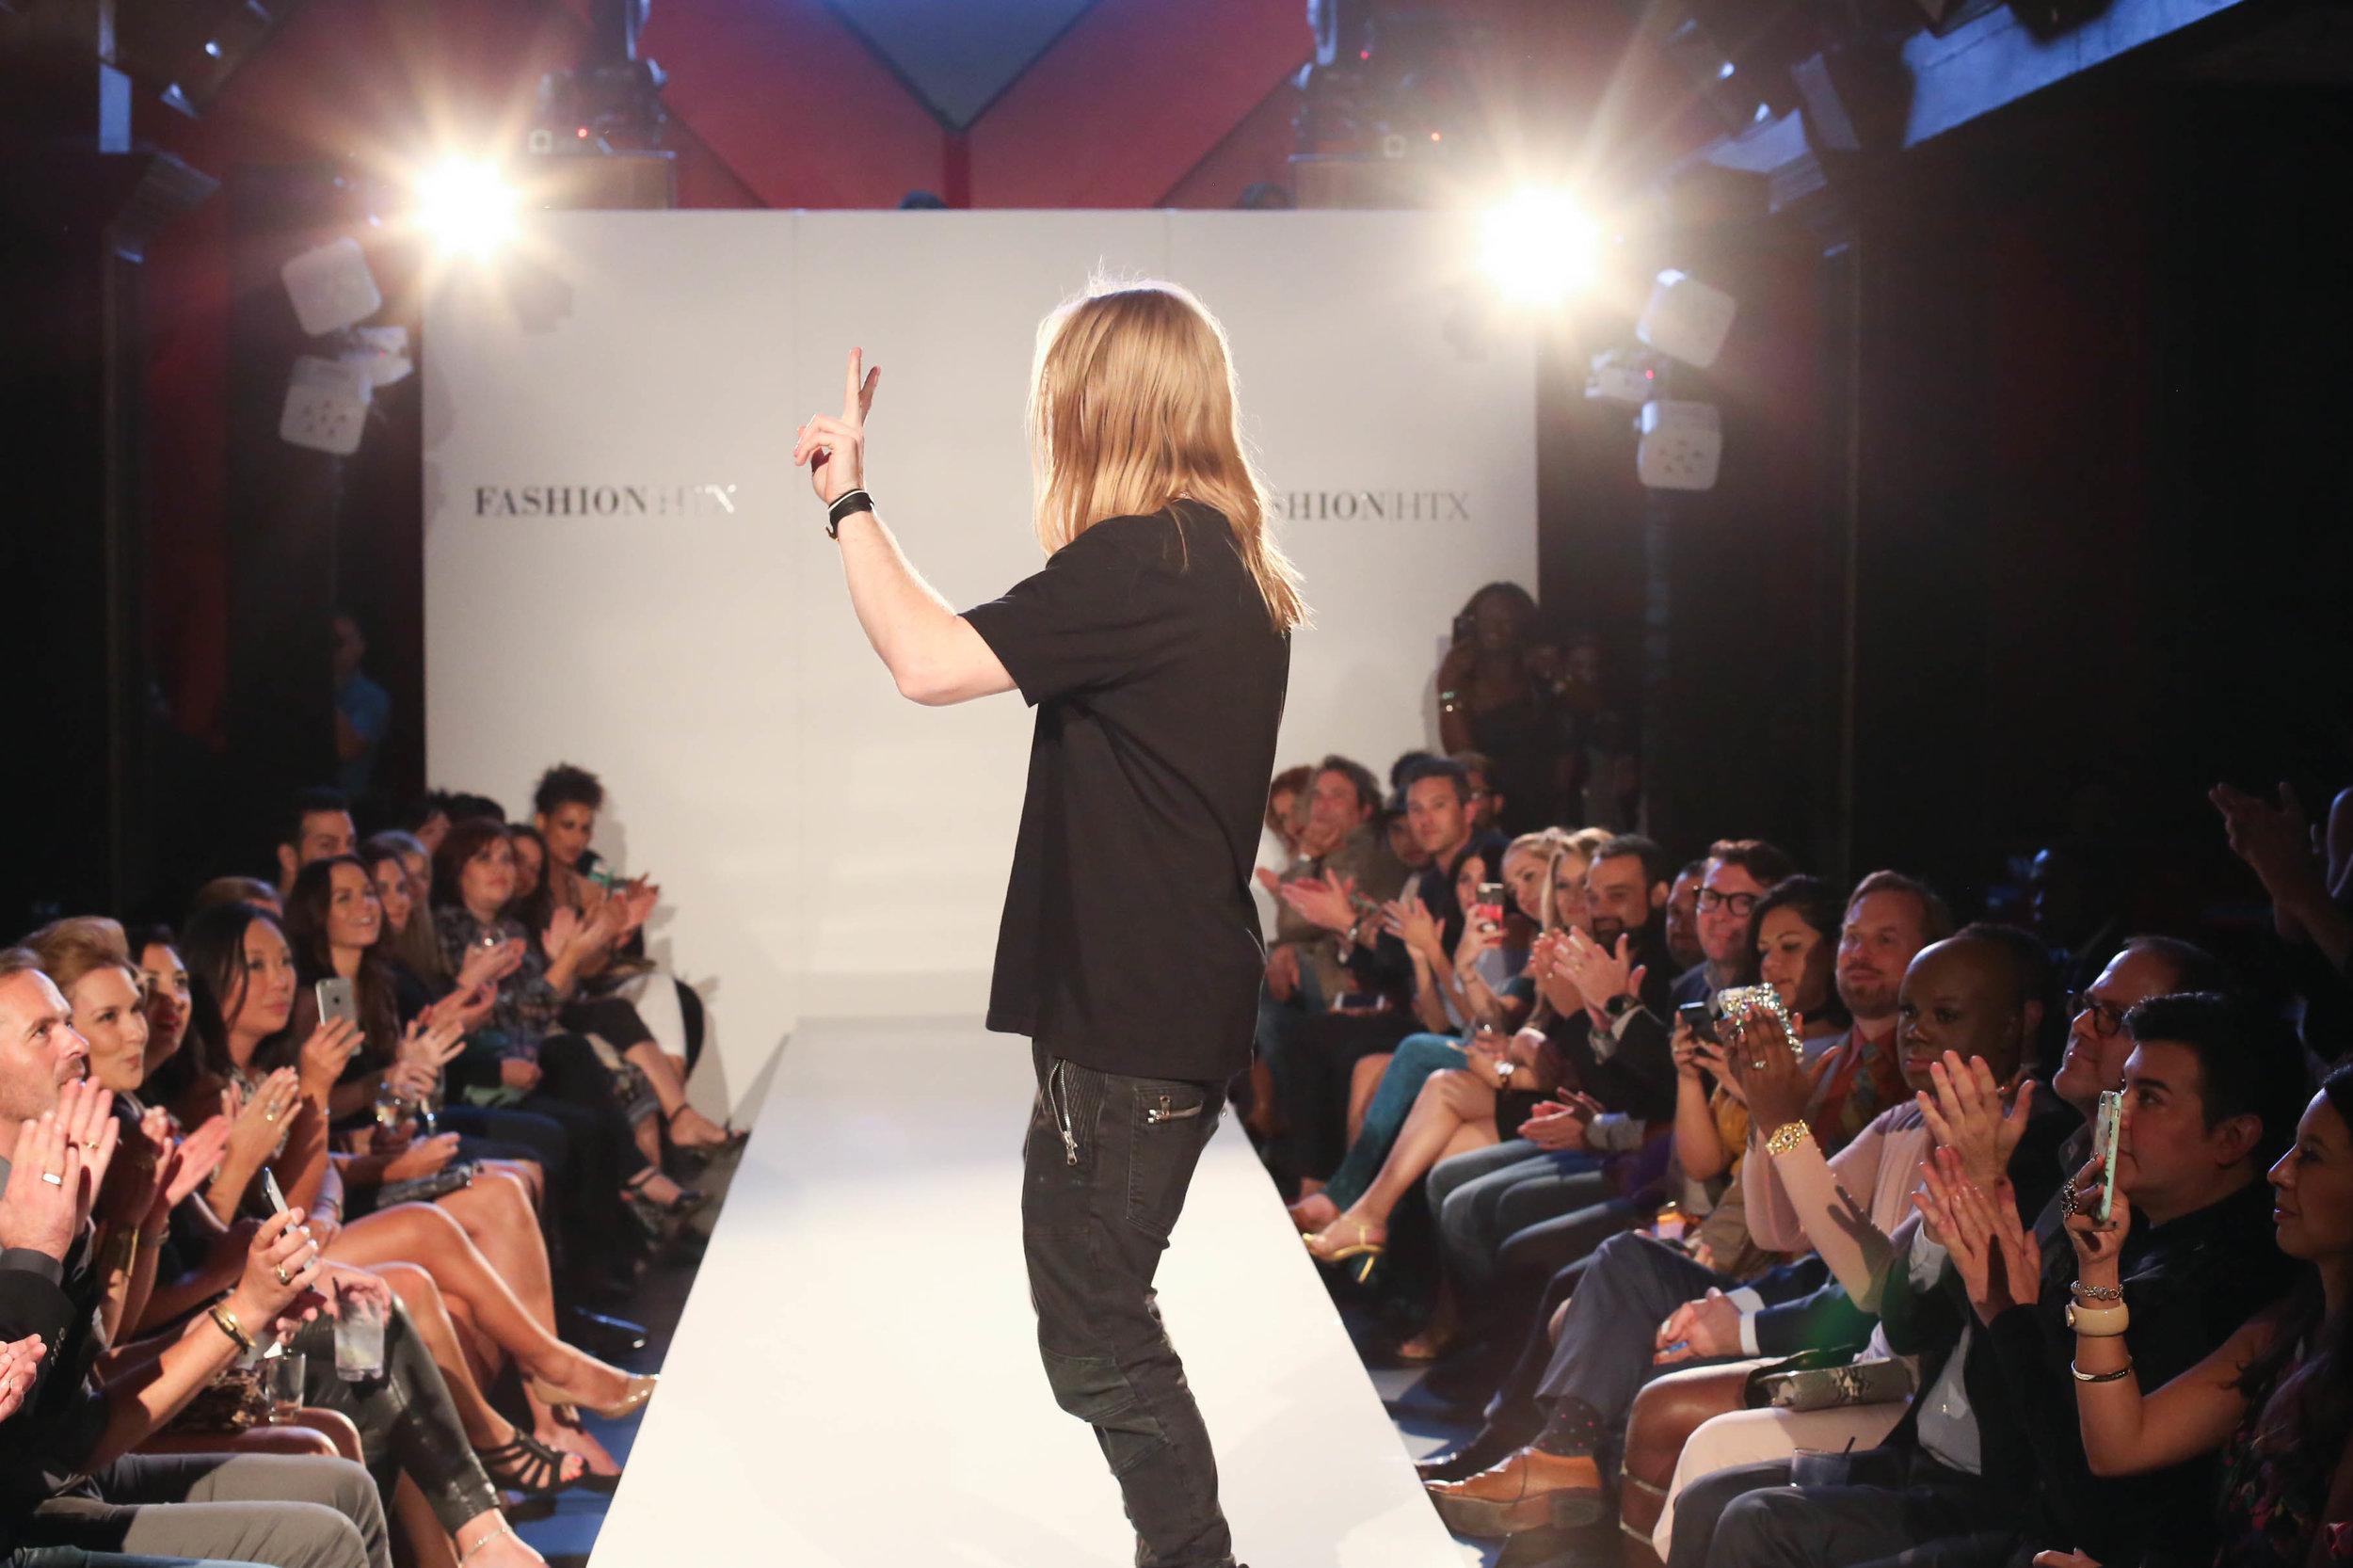 FashionHTX_031.jpg